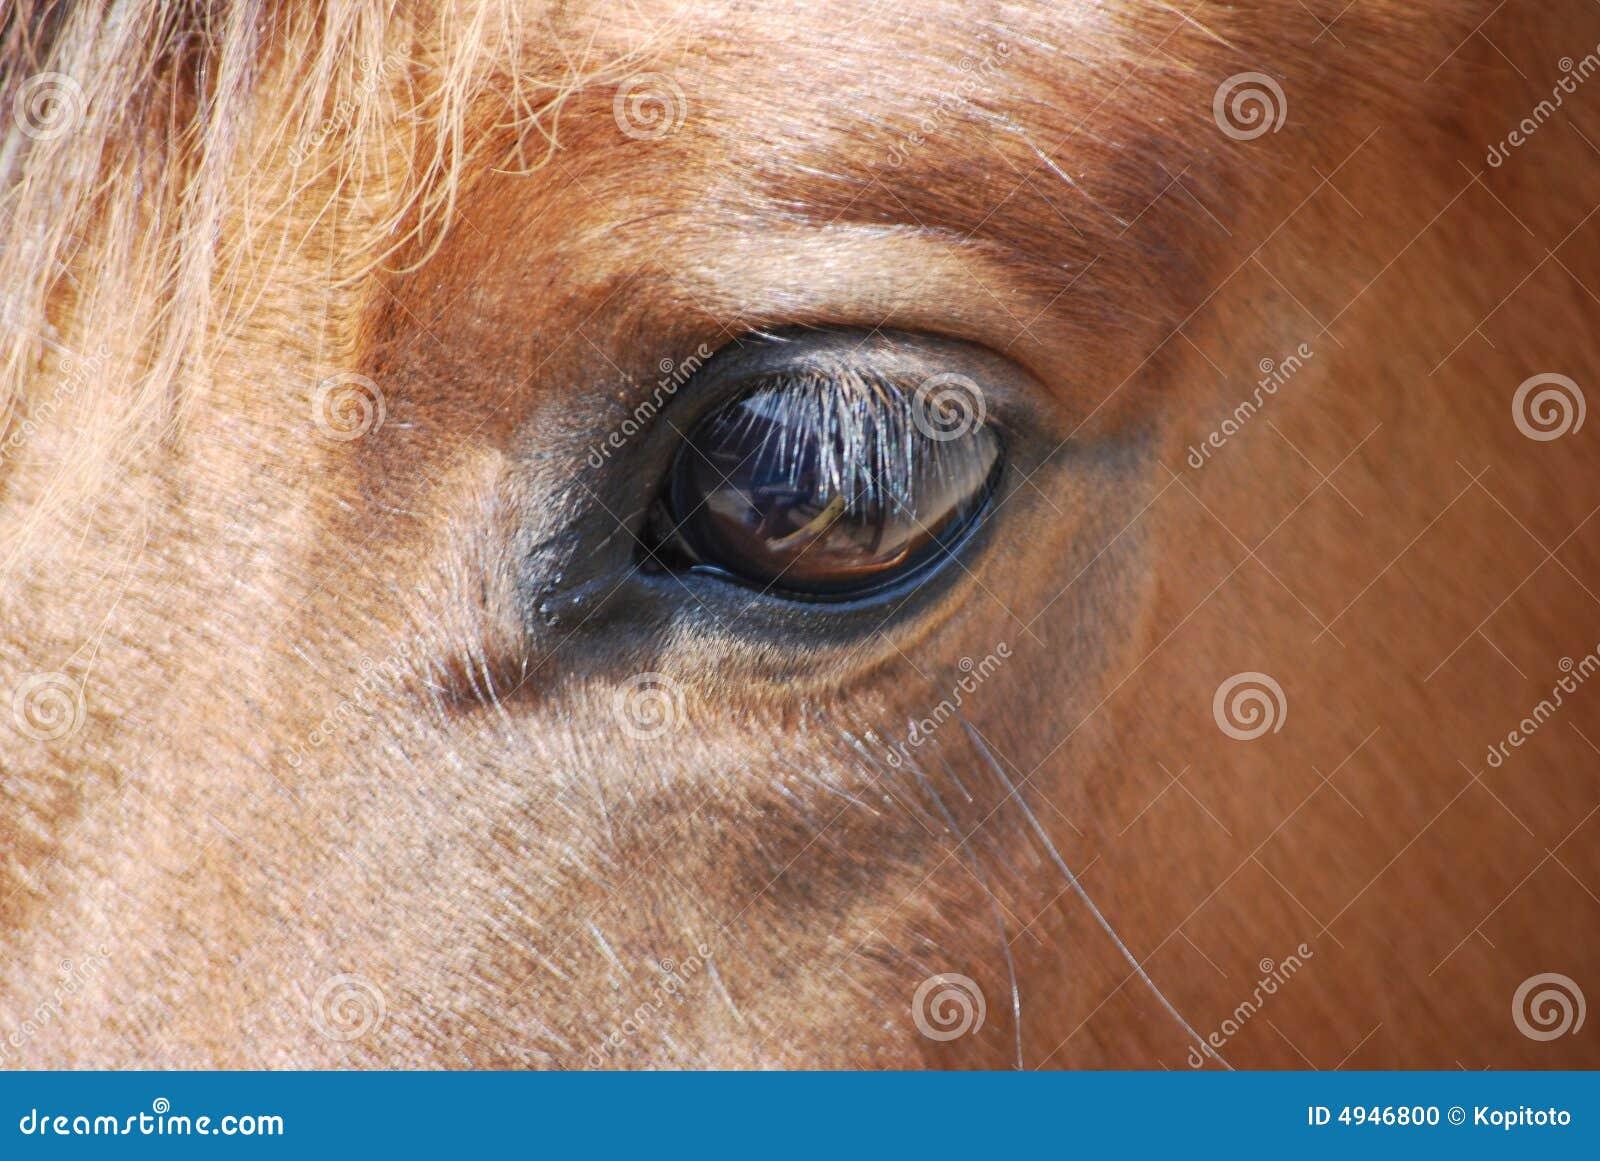 лошади ресницы глаза